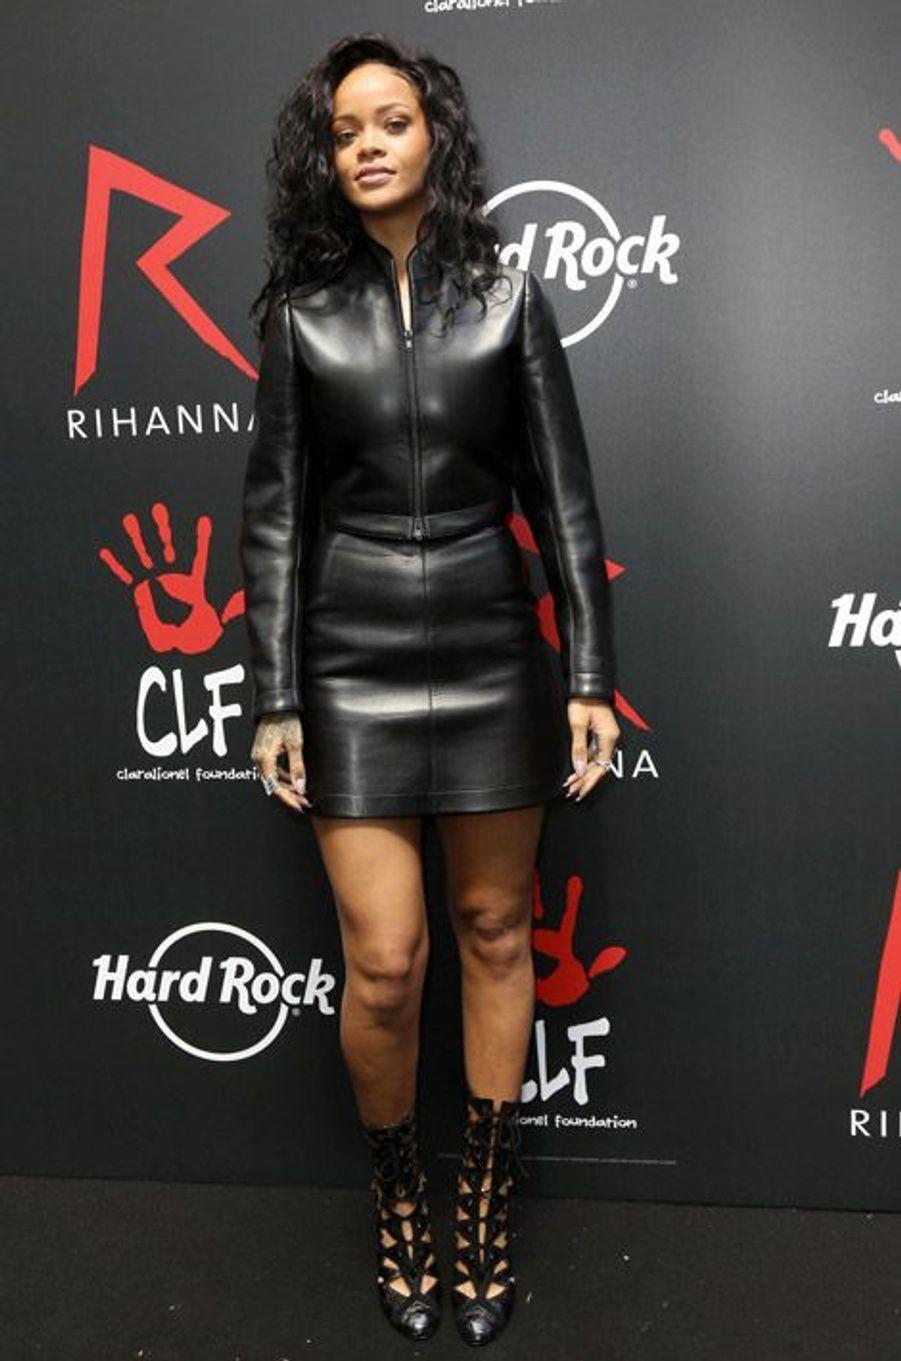 La chanteuse Rihanna lors de la conférence de presse Hard Rock Café à Paris, le 5 juin 2014